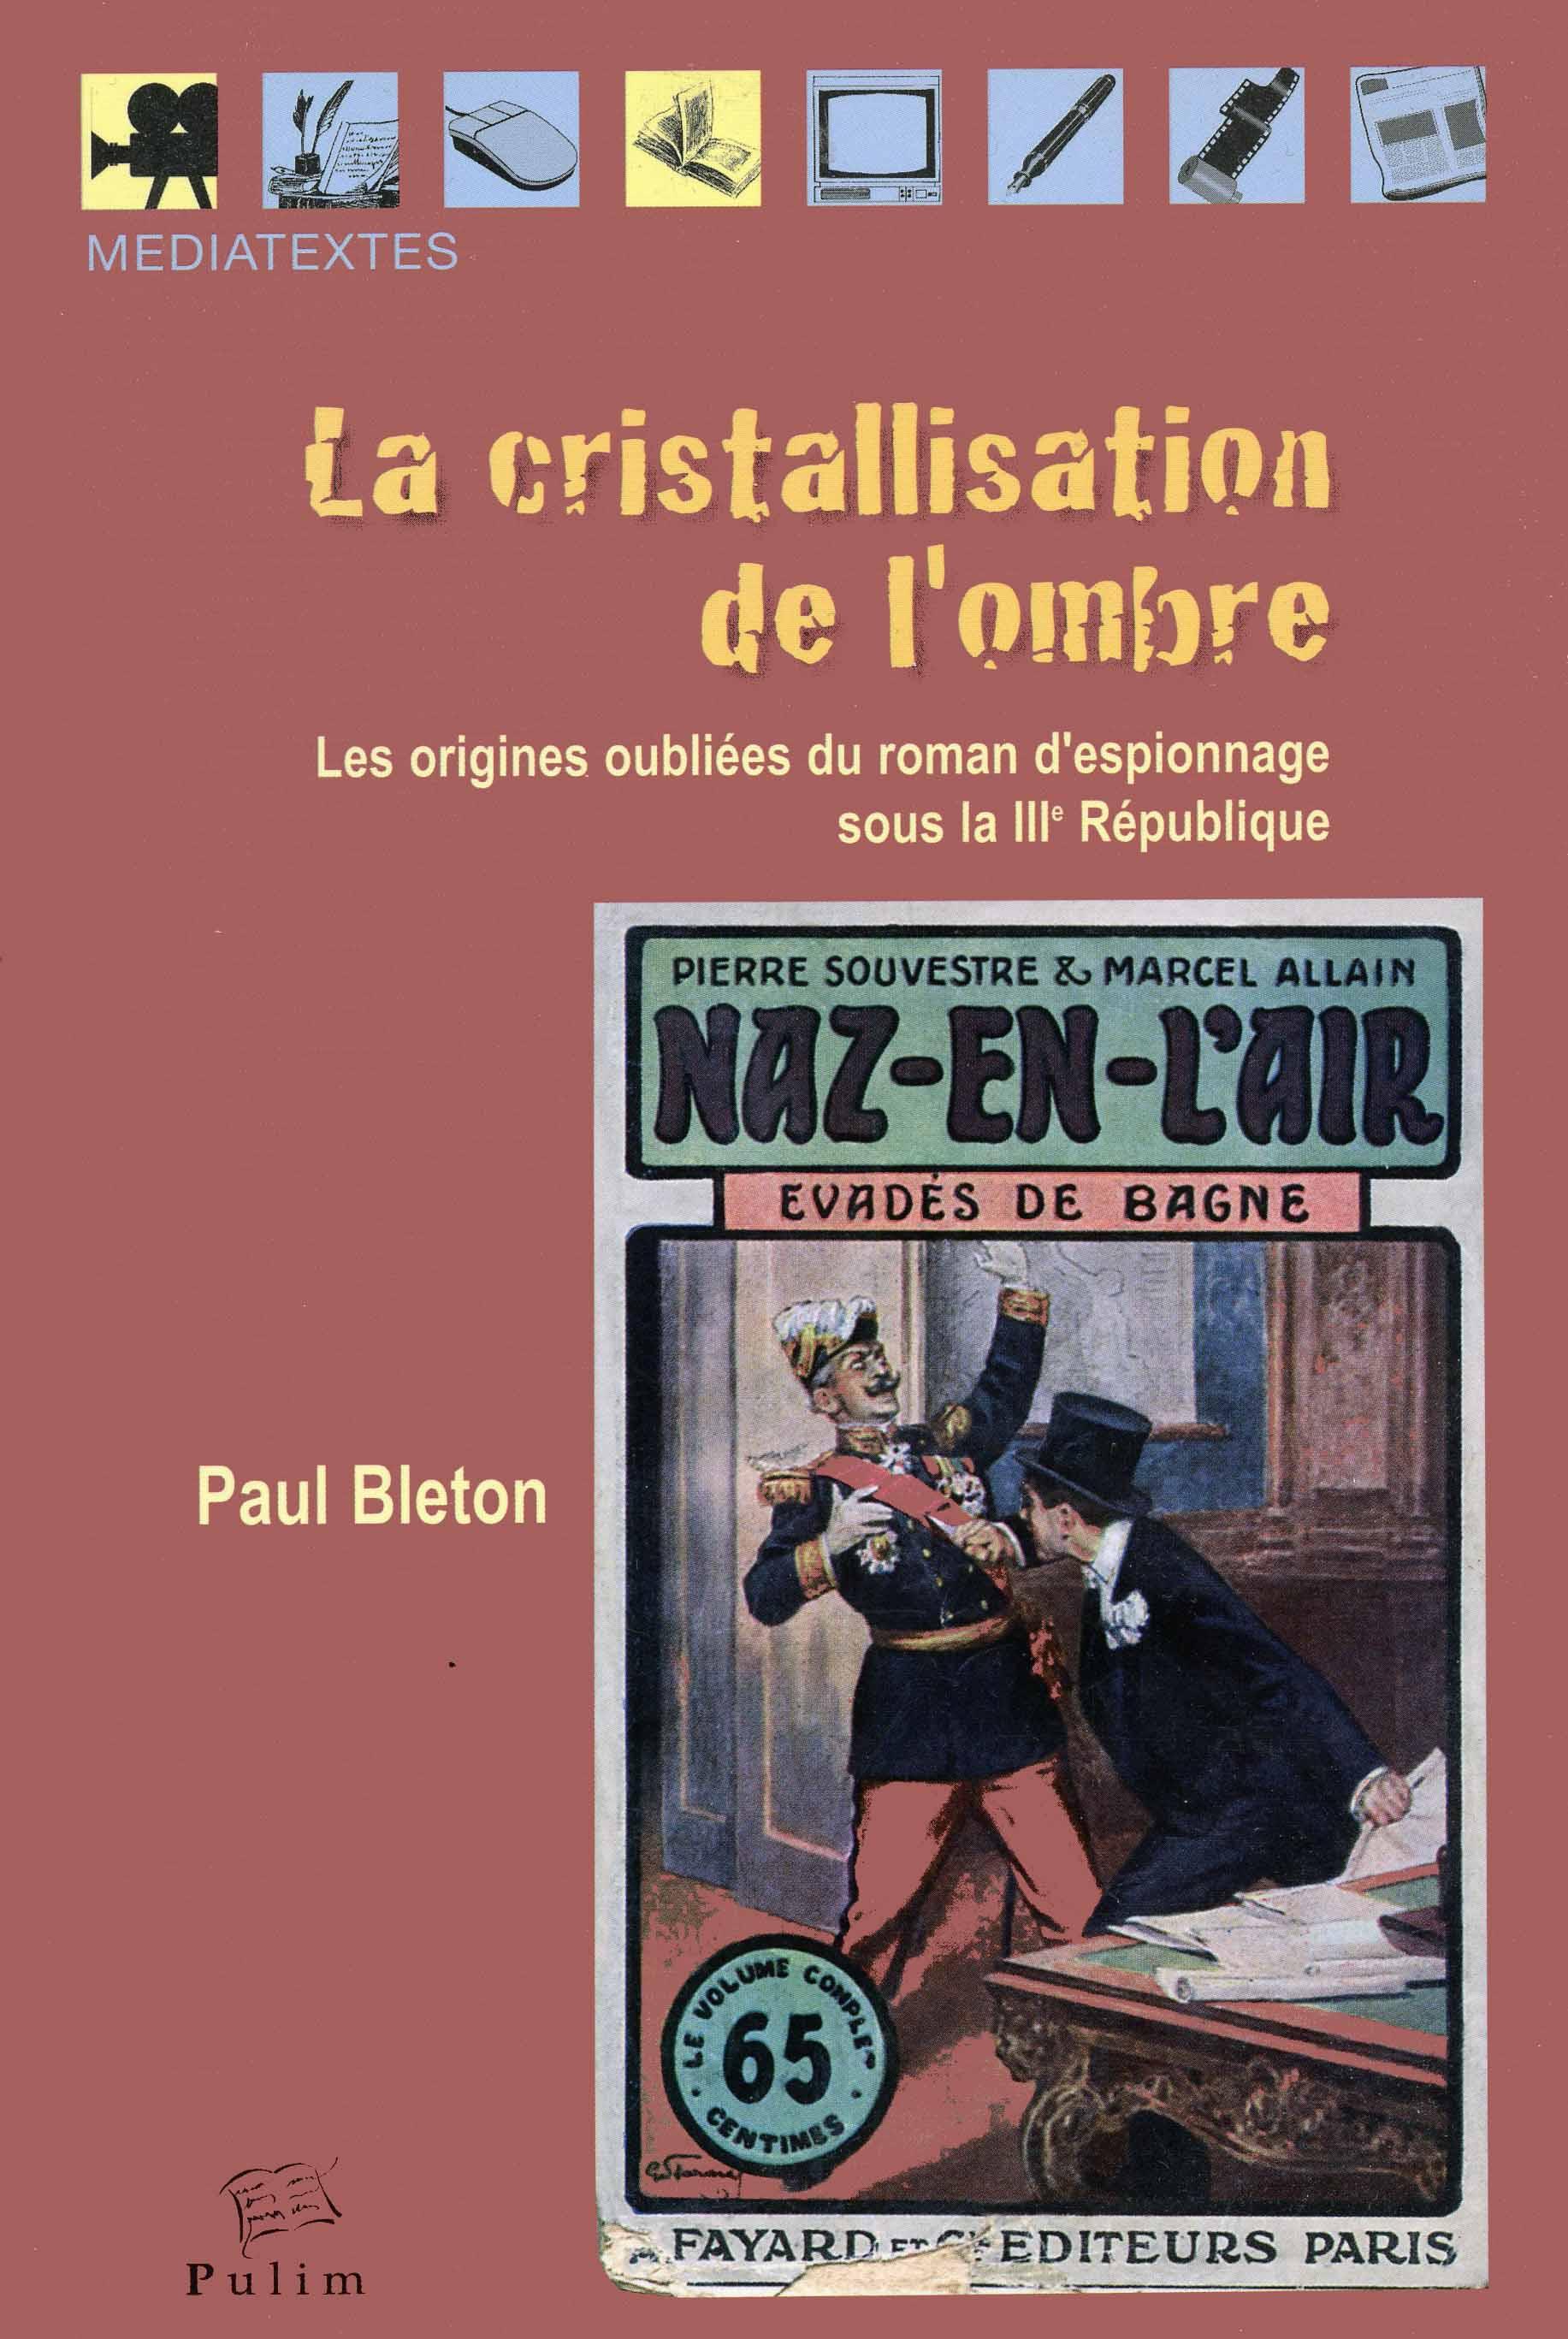 la cristallisation de l'ombre | les origines oubliées du roman d'espionnage sous la IIIe République